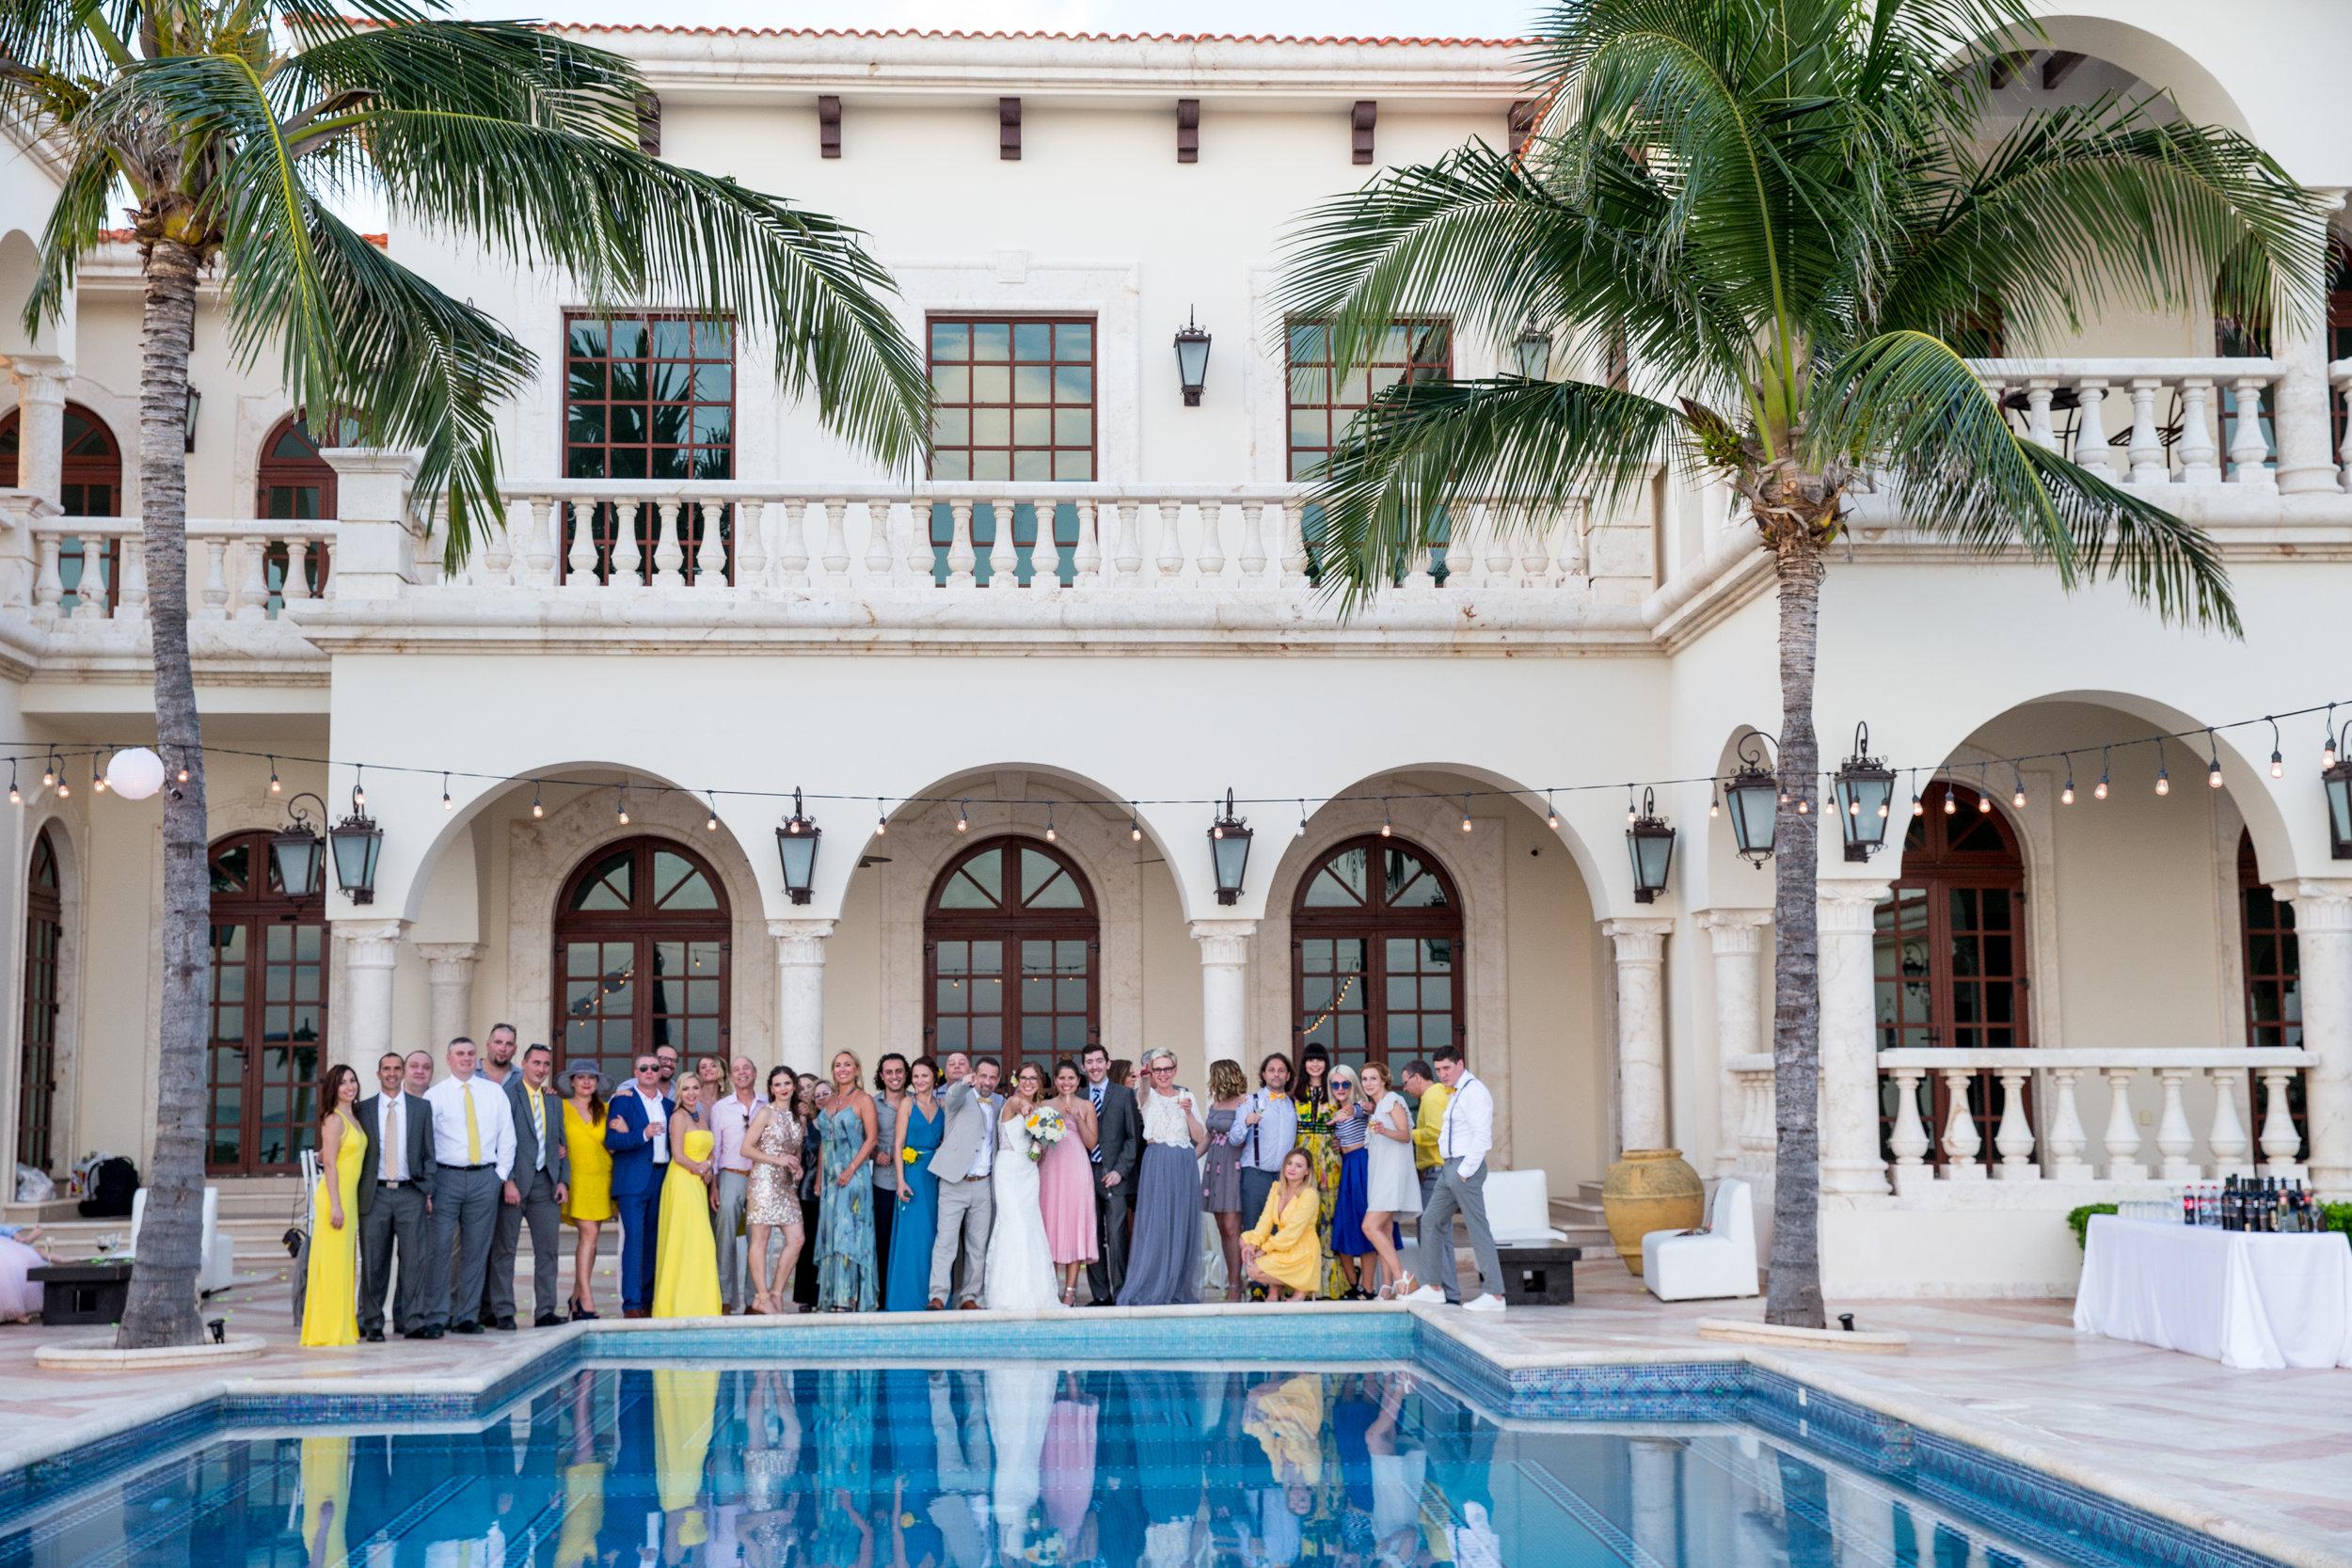 destination-wedding-venue-villa-la-joya-46.jpg